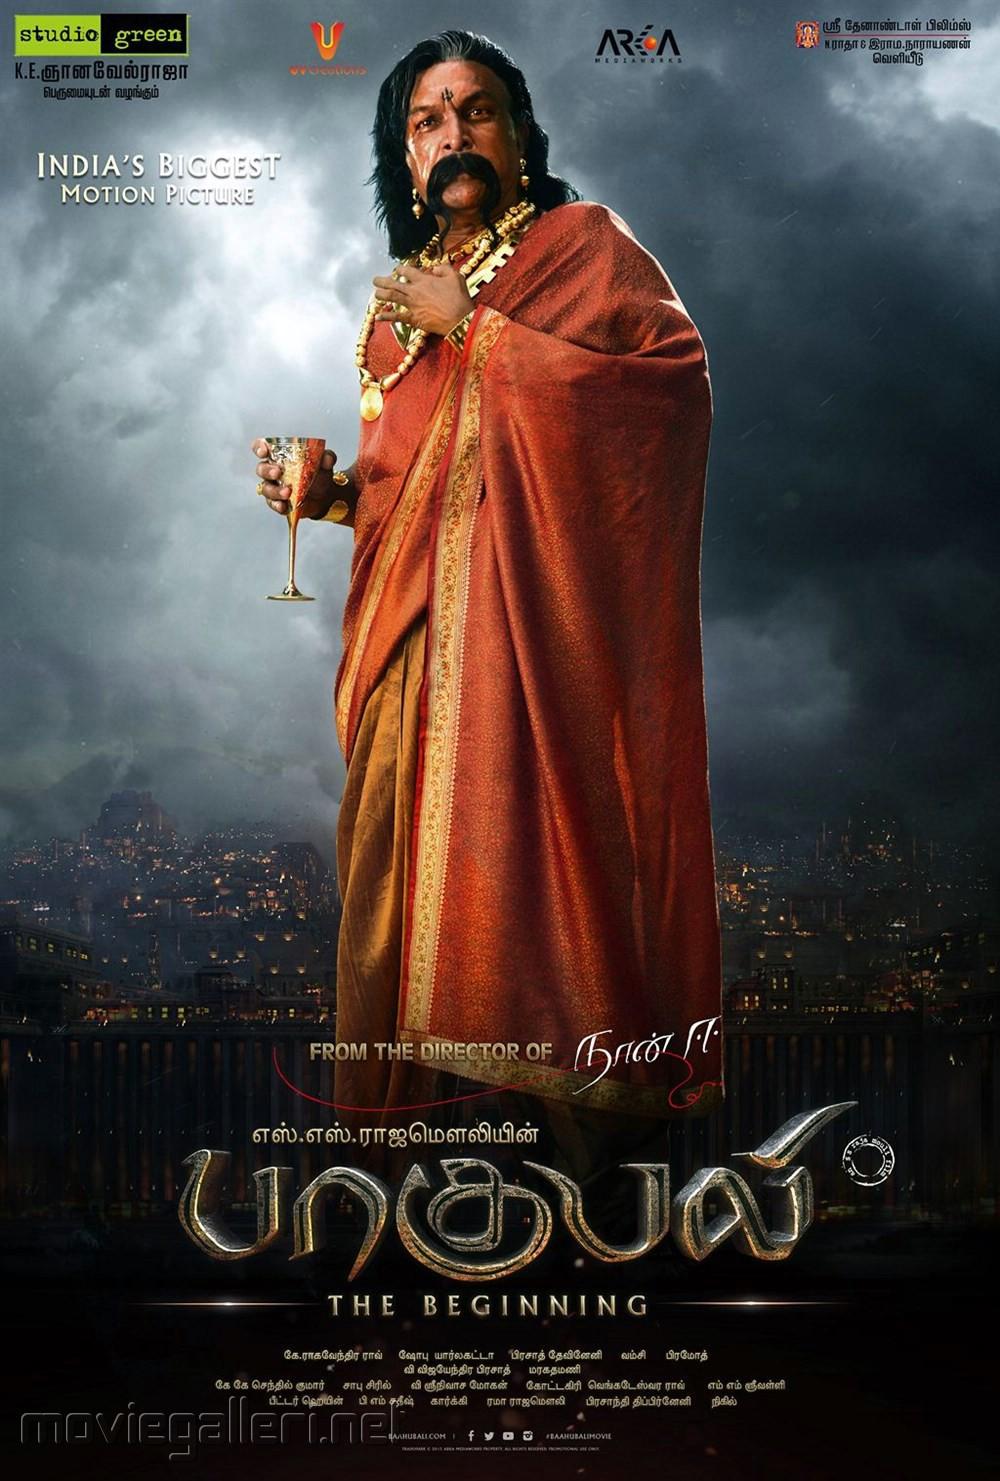 Tamil movie bahubali full movie 2 | Bahubali 2 full HD movie